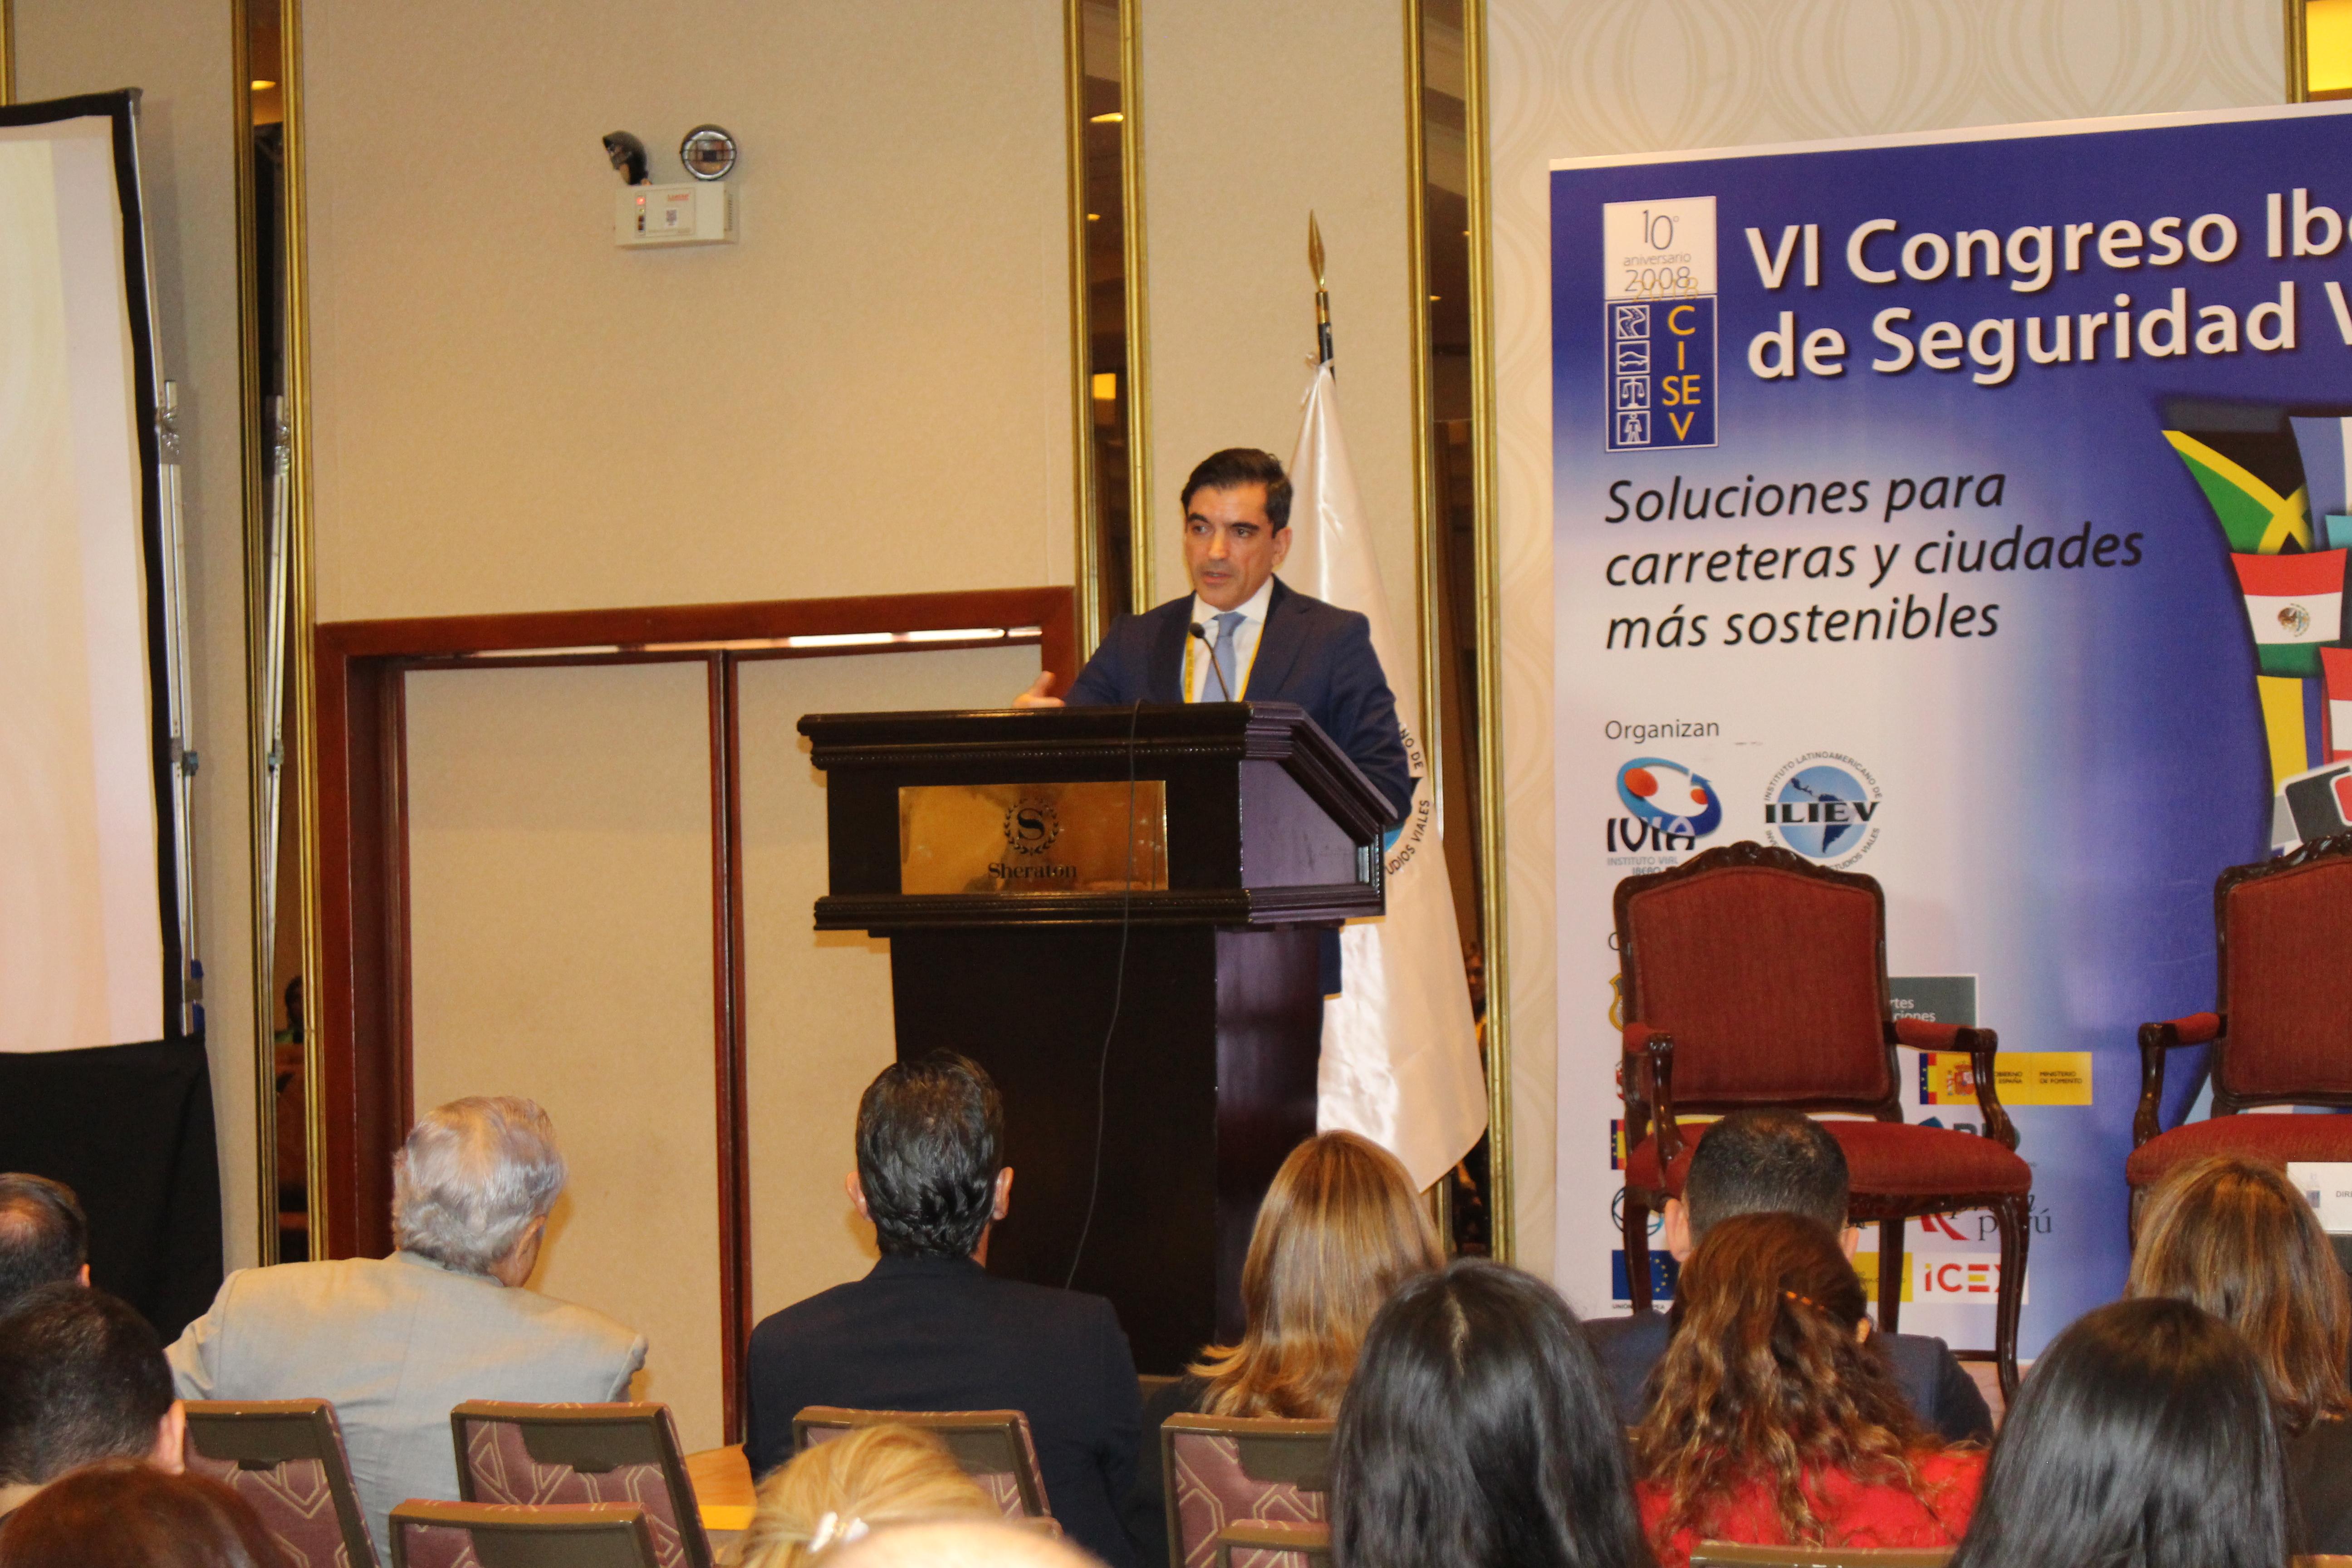 Alvaro Gomez conferencia inaugural - plenaria 2 martes